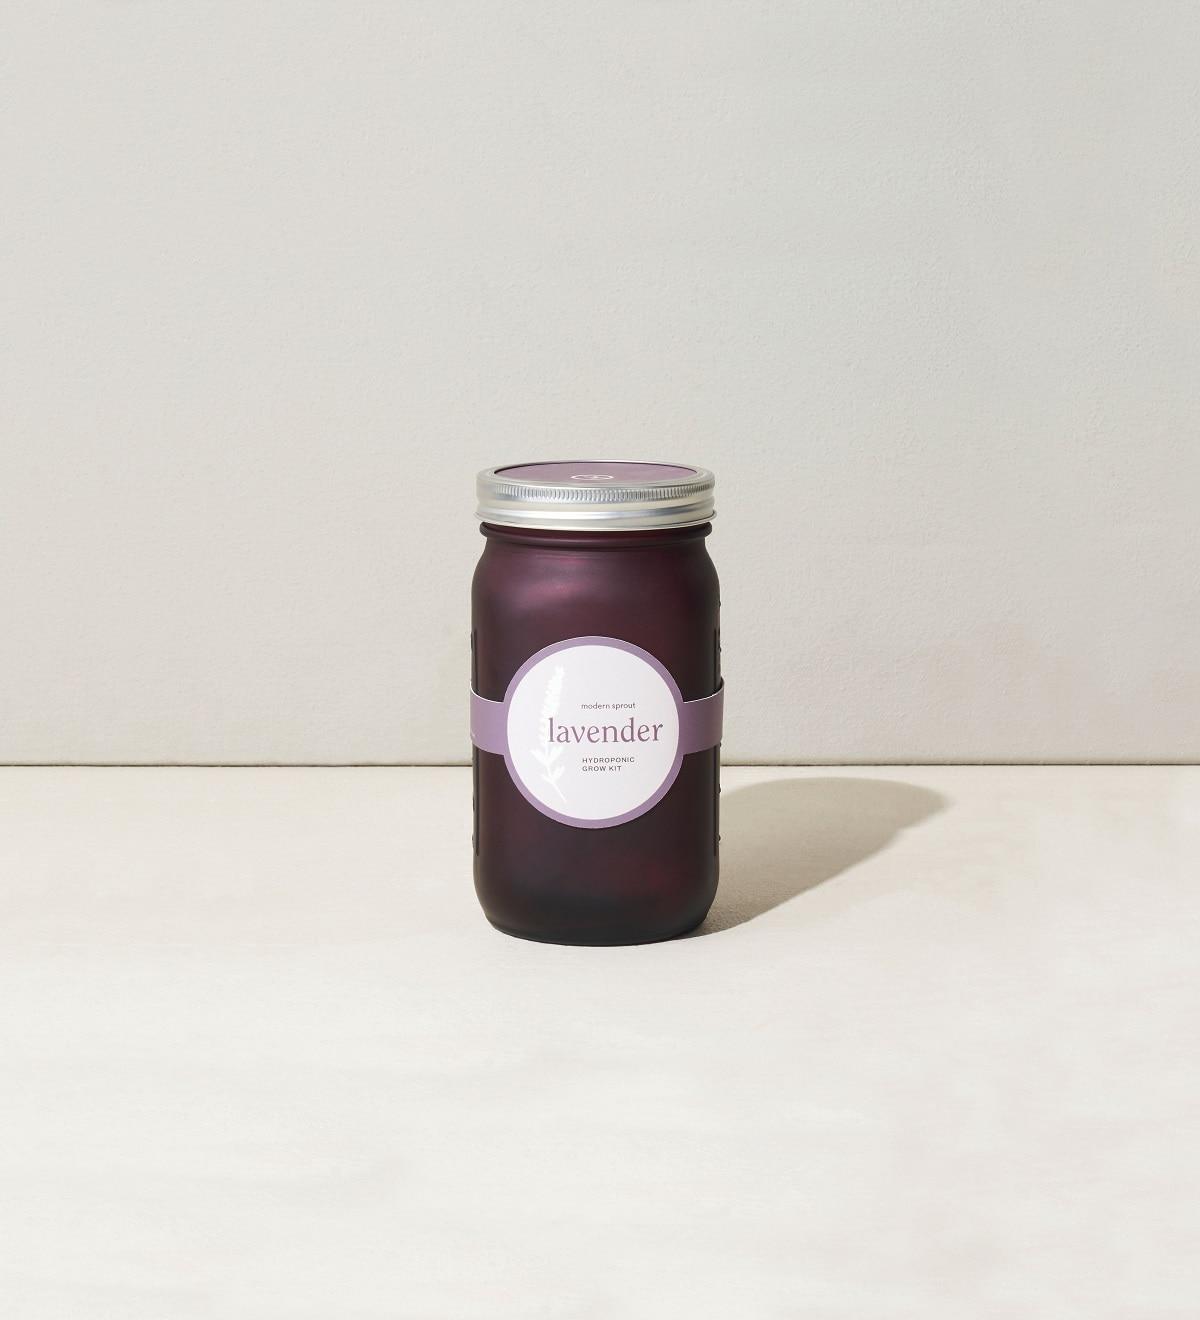 Garden Jar Lavender